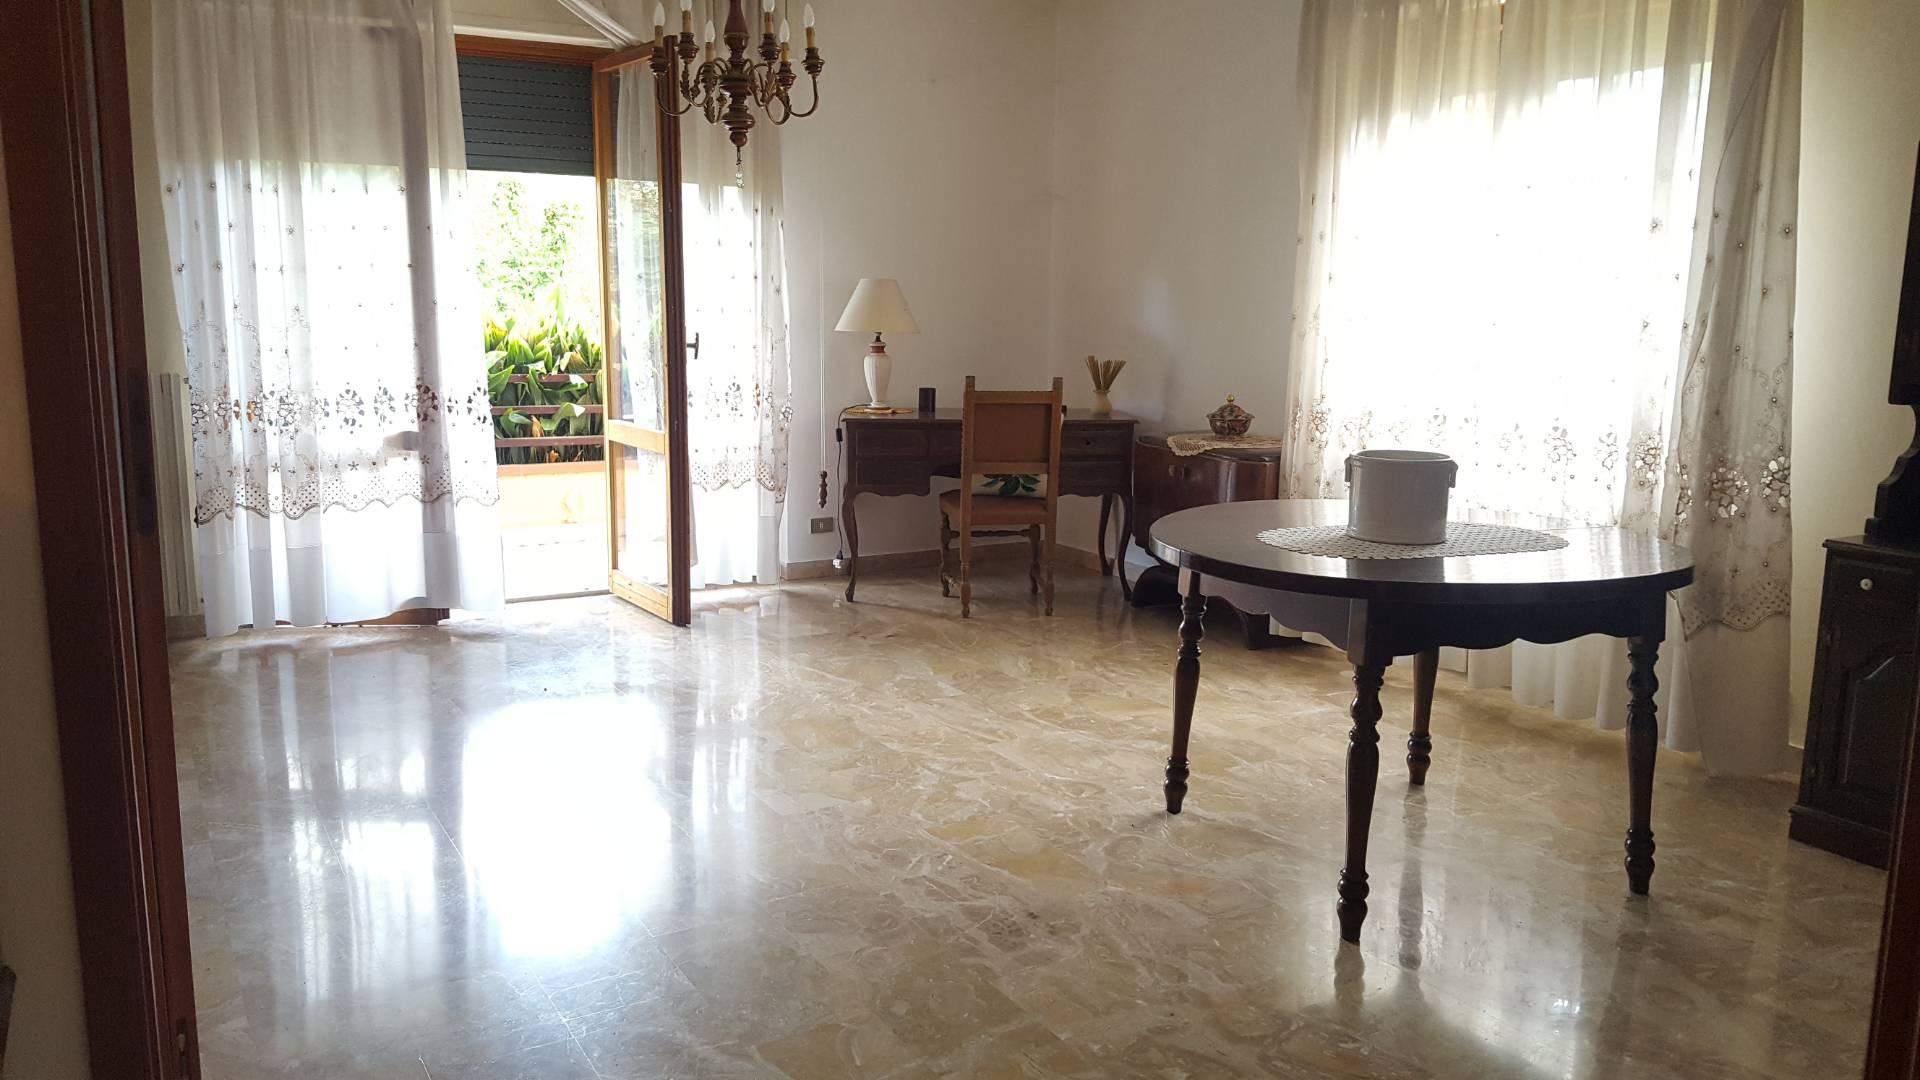 Appartamento in vendita a Teramo, 4 locali, zona centro, prezzo € 140.000 | PortaleAgenzieImmobiliari.it